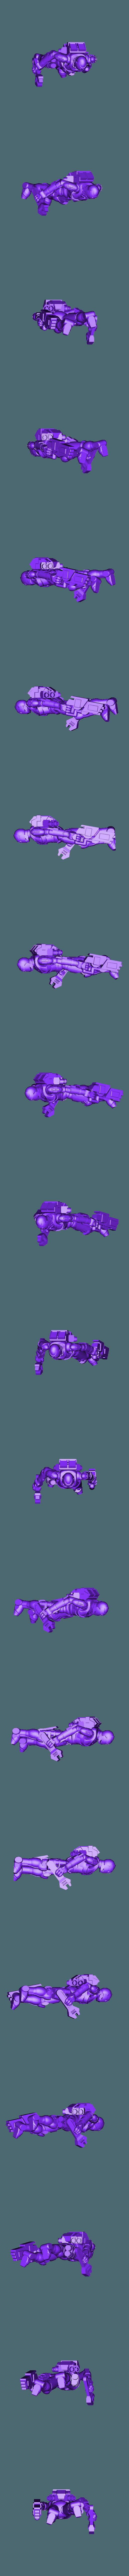 Repair_Bot.stl Télécharger fichier STL gratuit Réparateur Bot • Design à imprimer en 3D, mrhers2